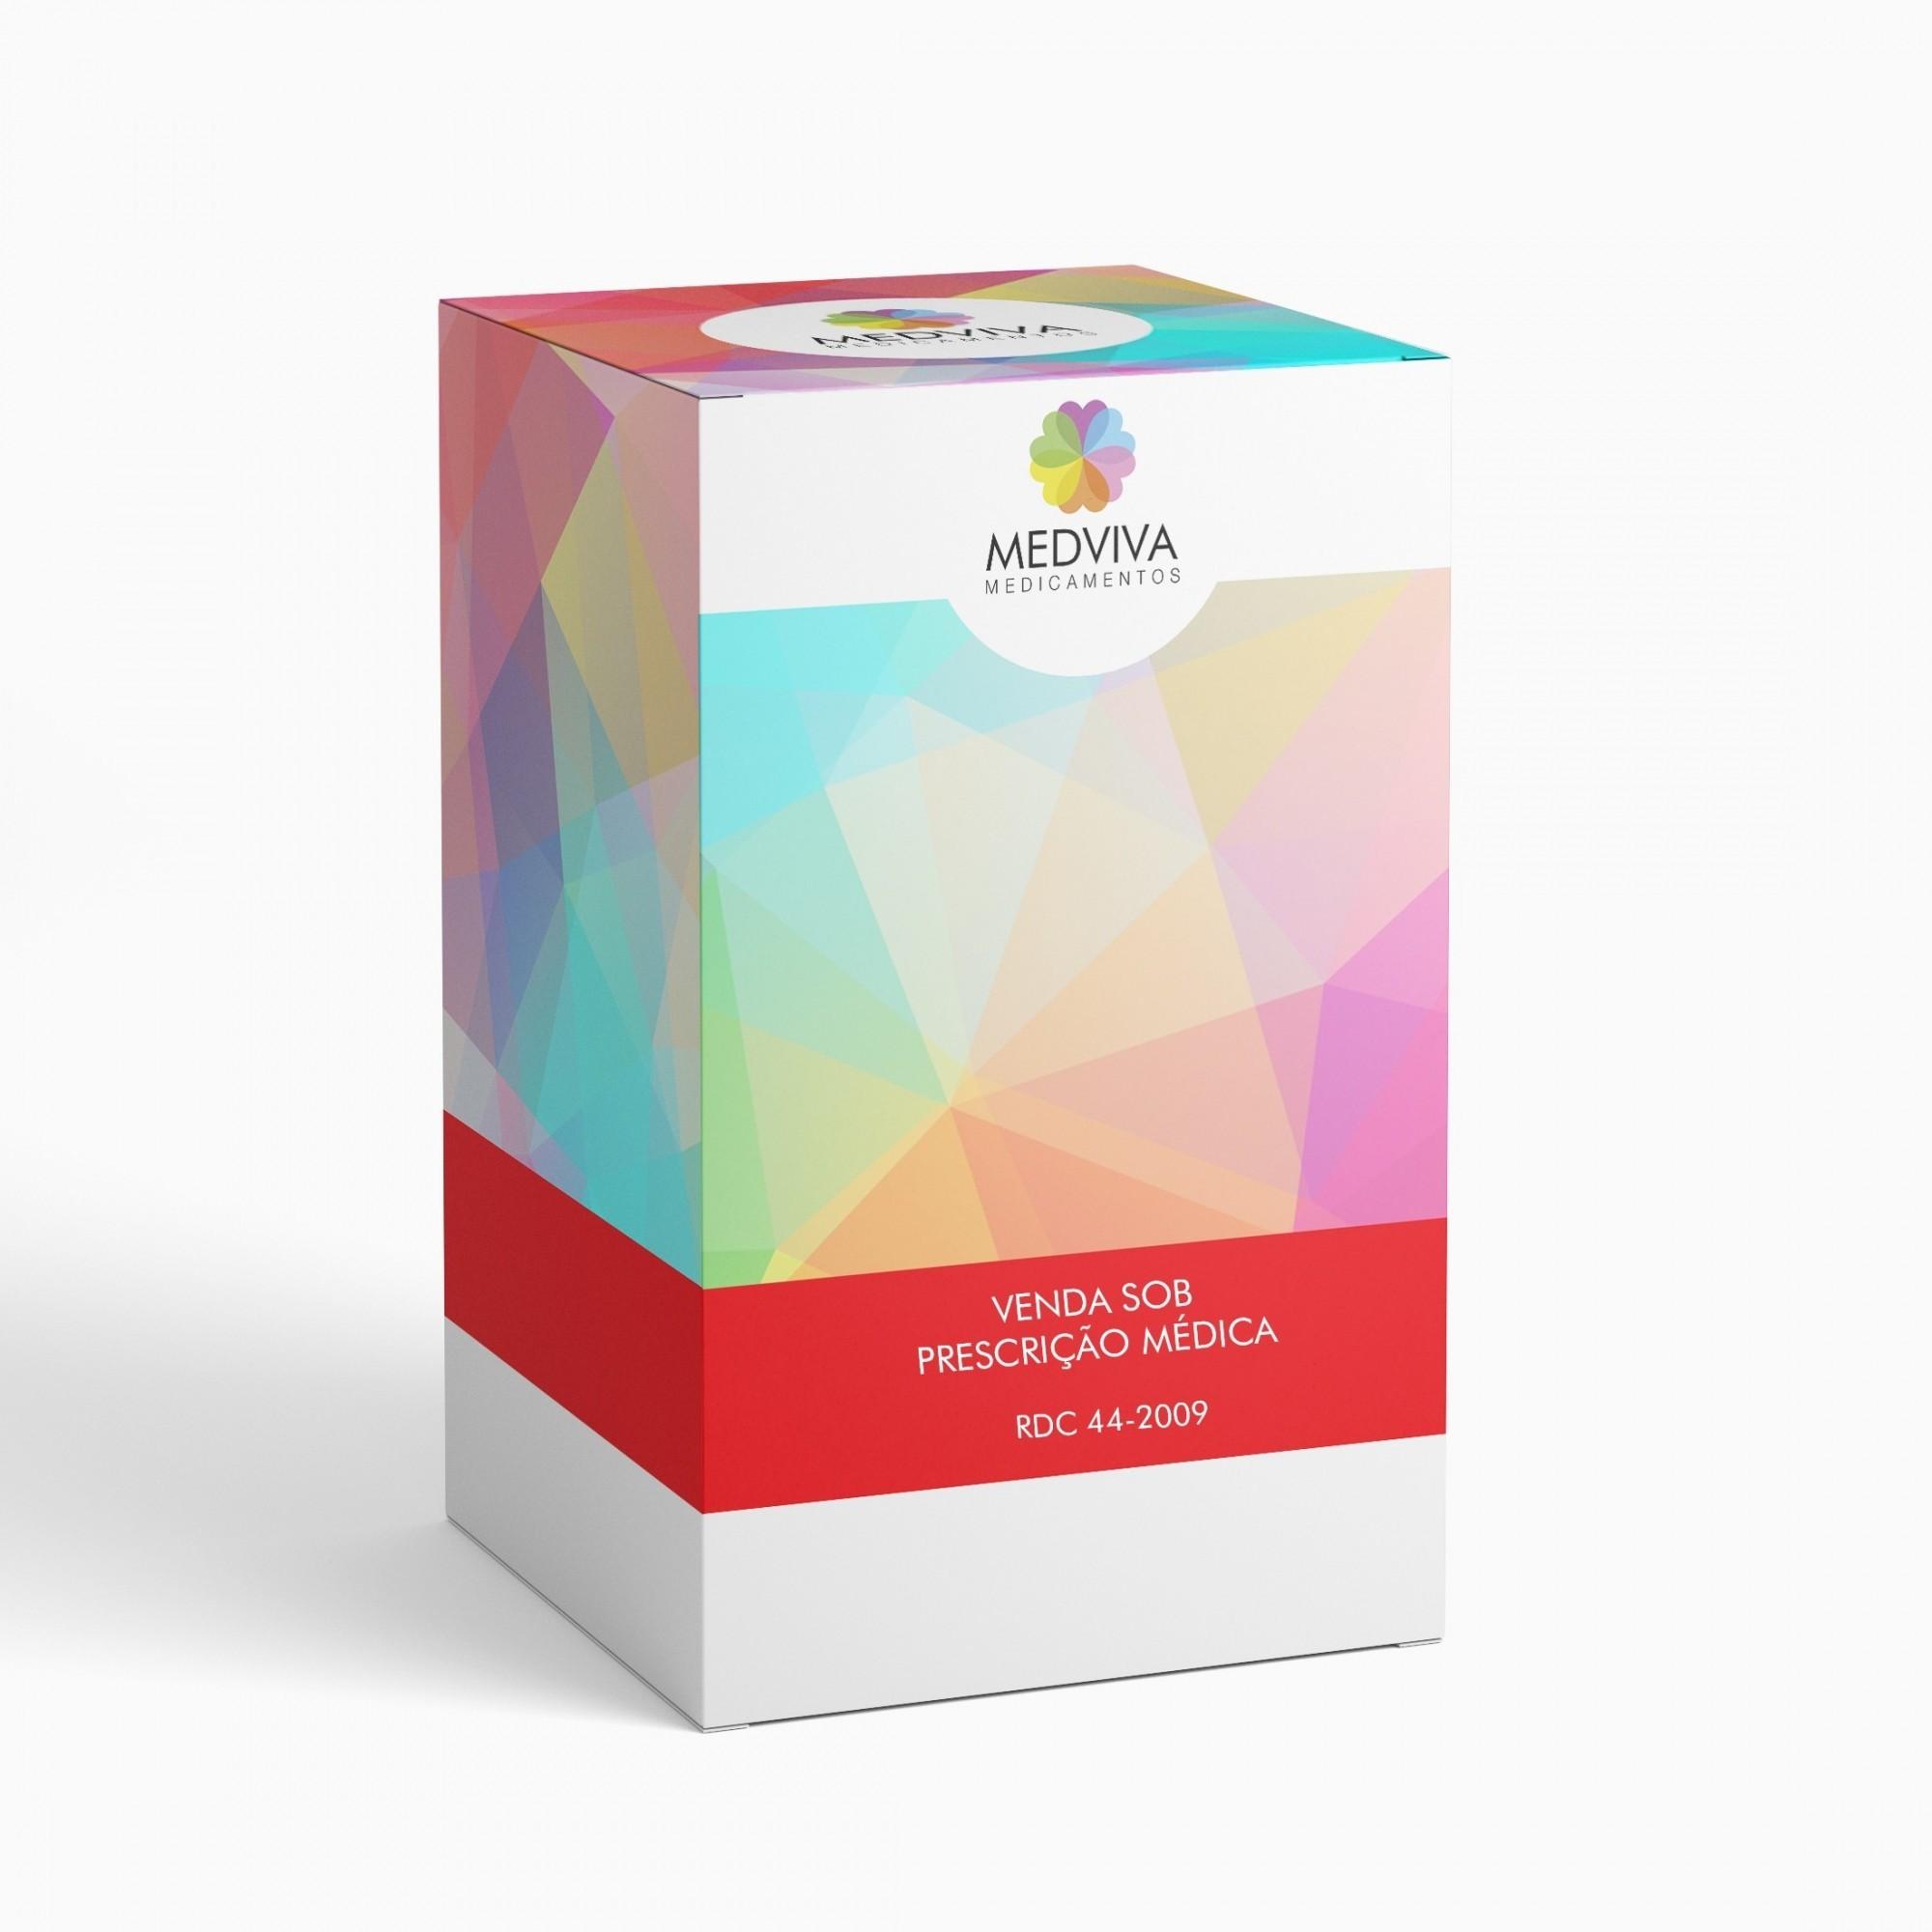 Sandimmun Neoral 50mg 50 Comprimidos 2ºc A 8ºc